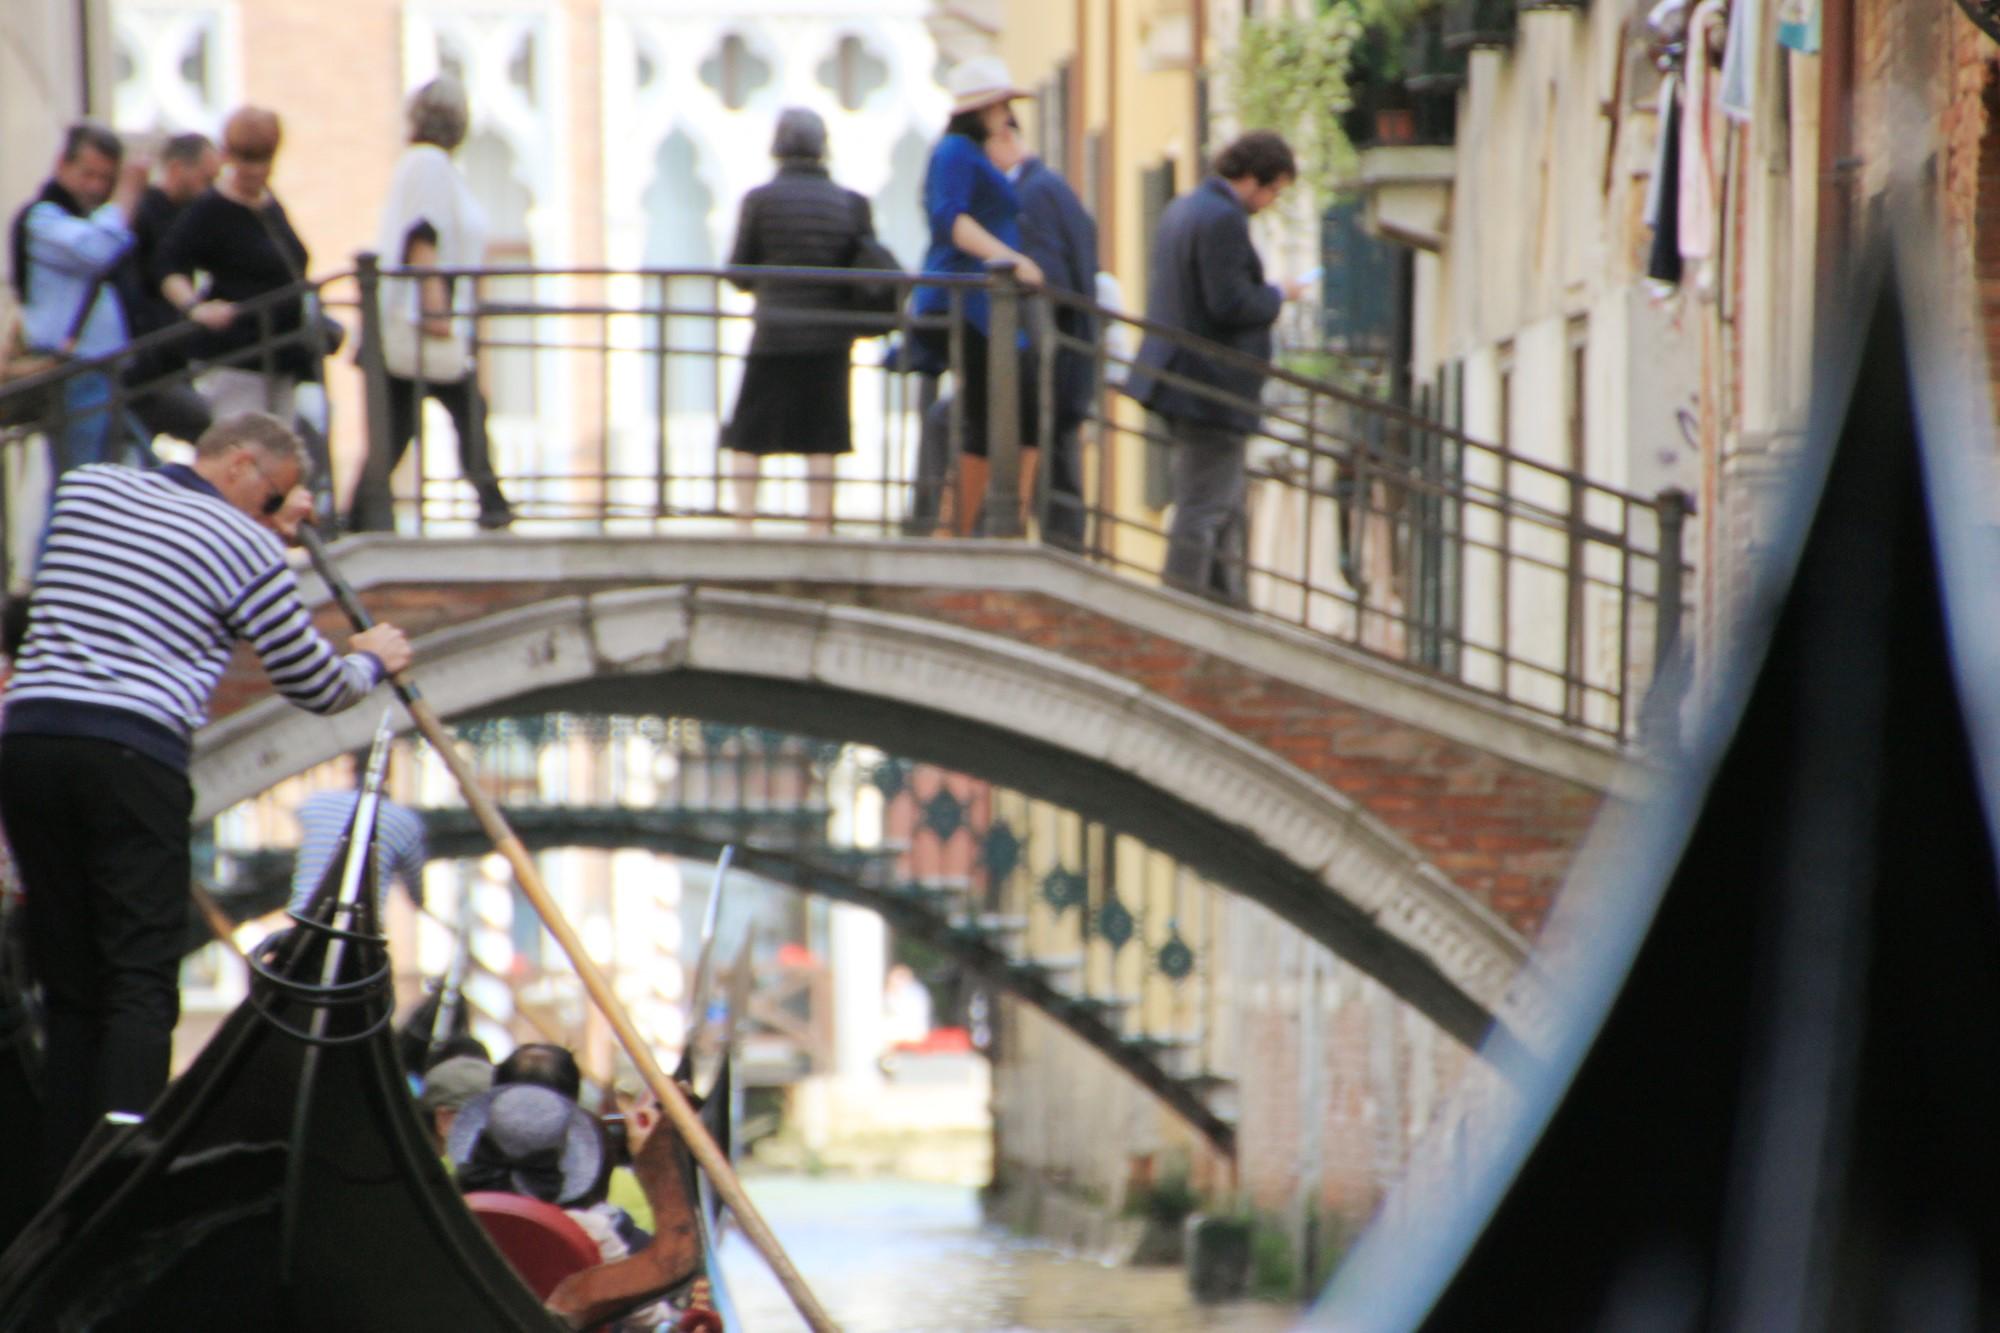 イタリア・ベネチア観光のモデルコース!ゴンドラ乗船がおすすめ!